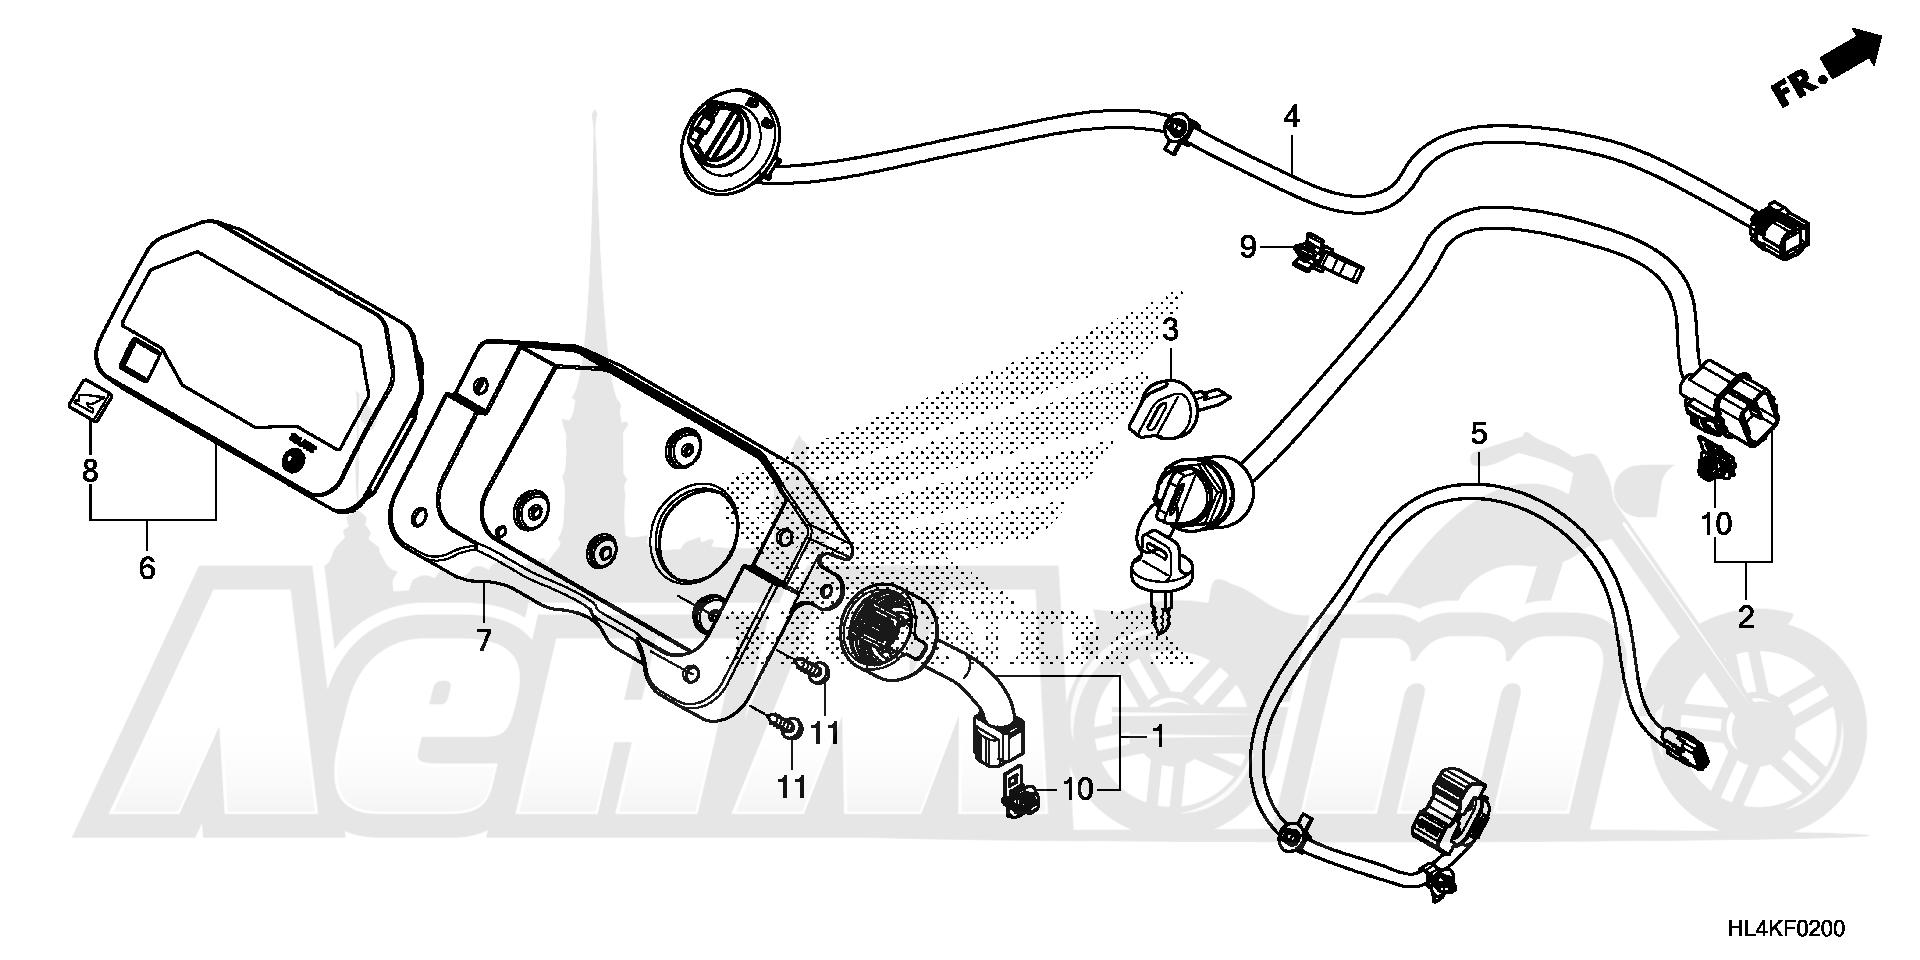 Запчасти для Квадроцикла Honda 2019 SXS1000M5D Раздел: METER AND SWITCH (1) | счетчик и переключатель (1)